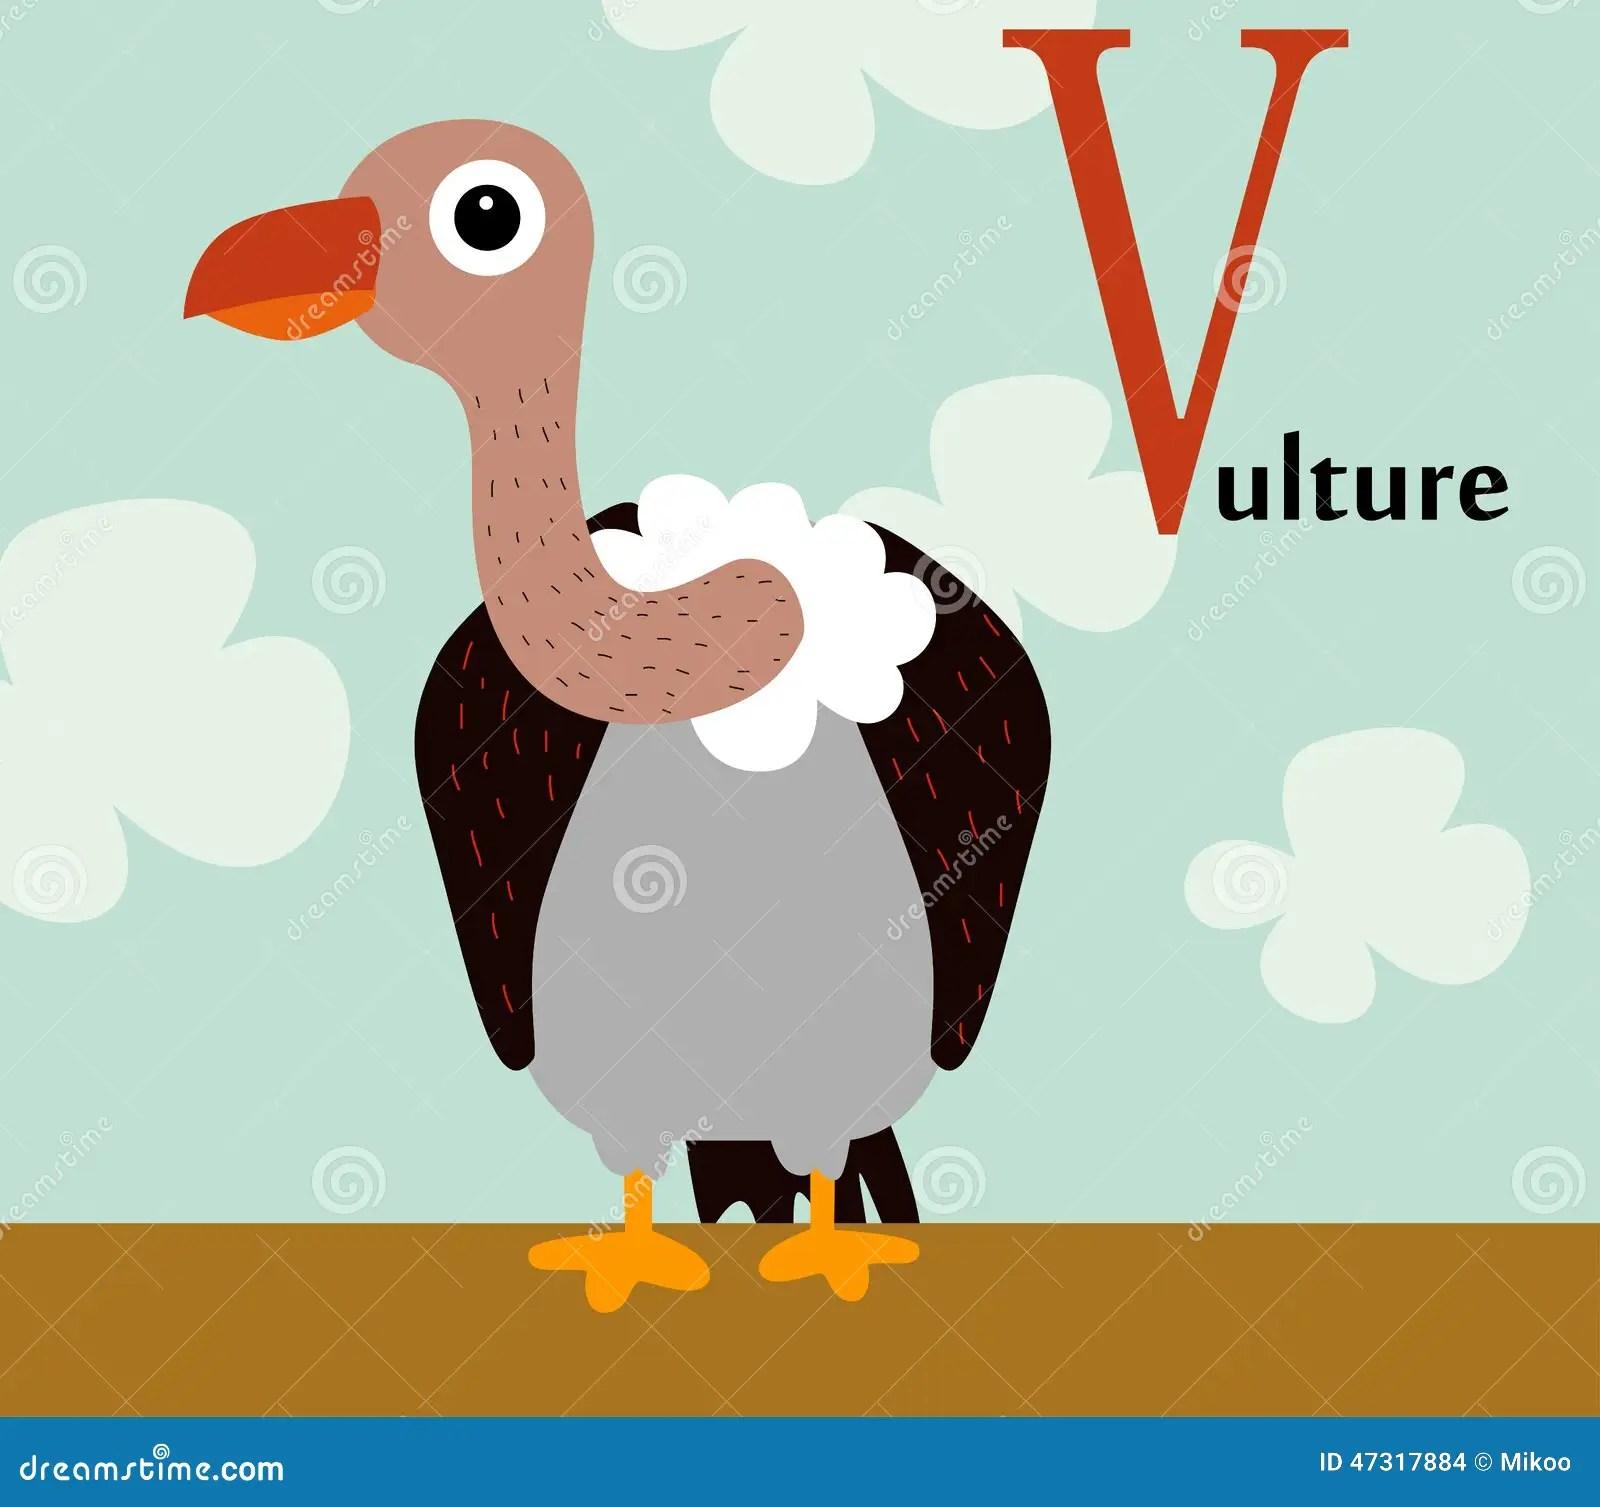 Animal Alphabet For The Kids V For The Vulture Stock